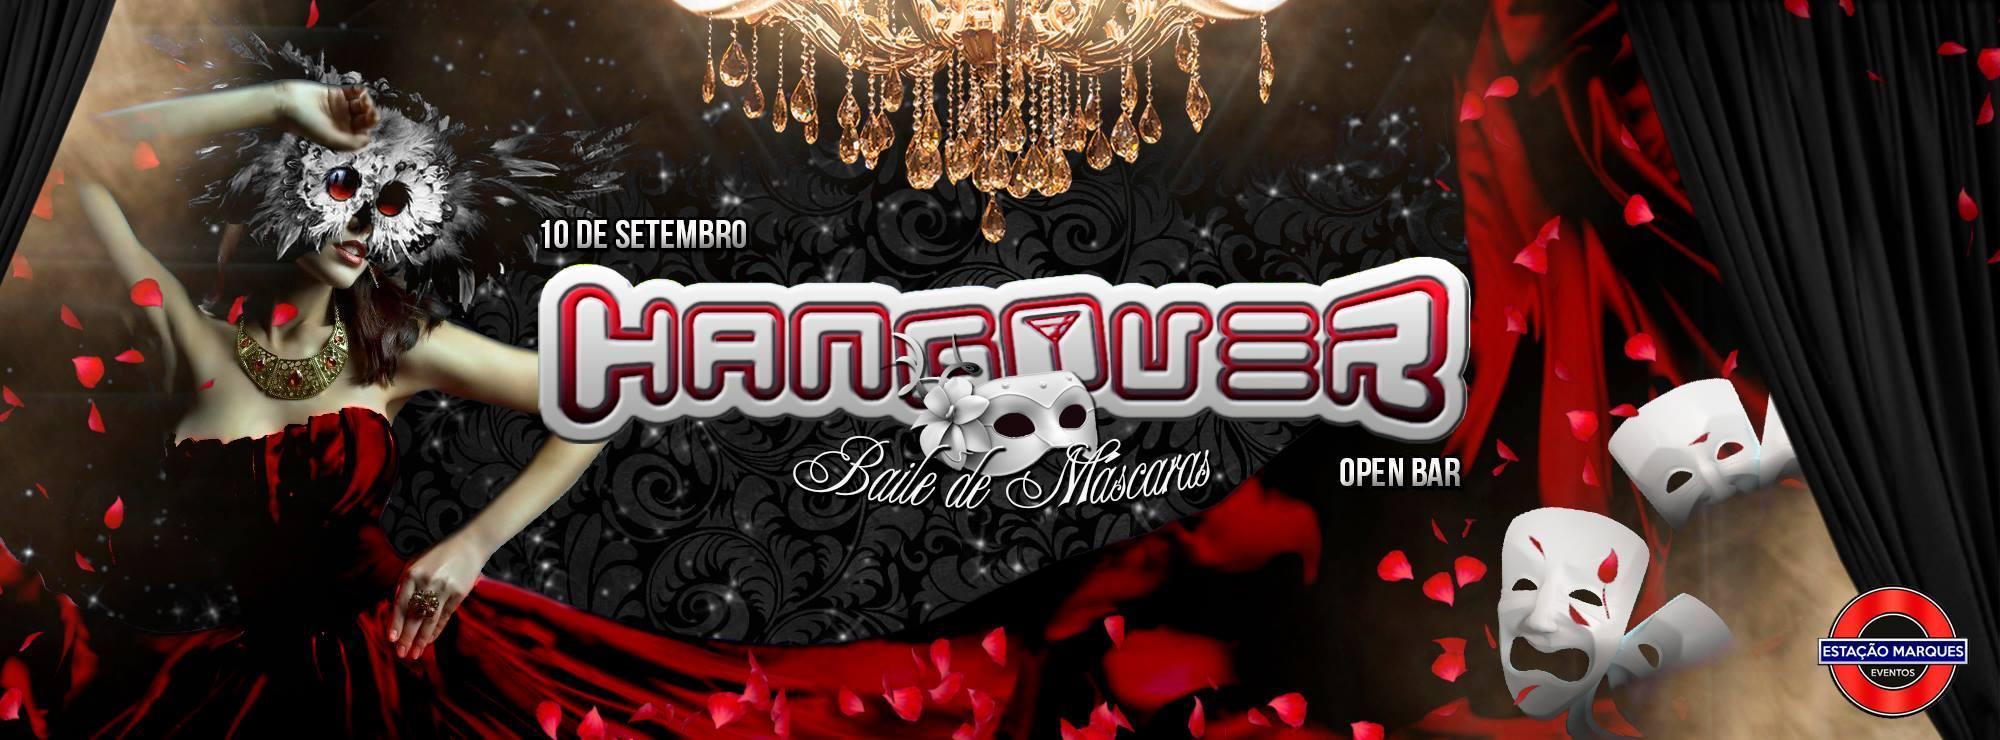 HangoverExtravaganza2